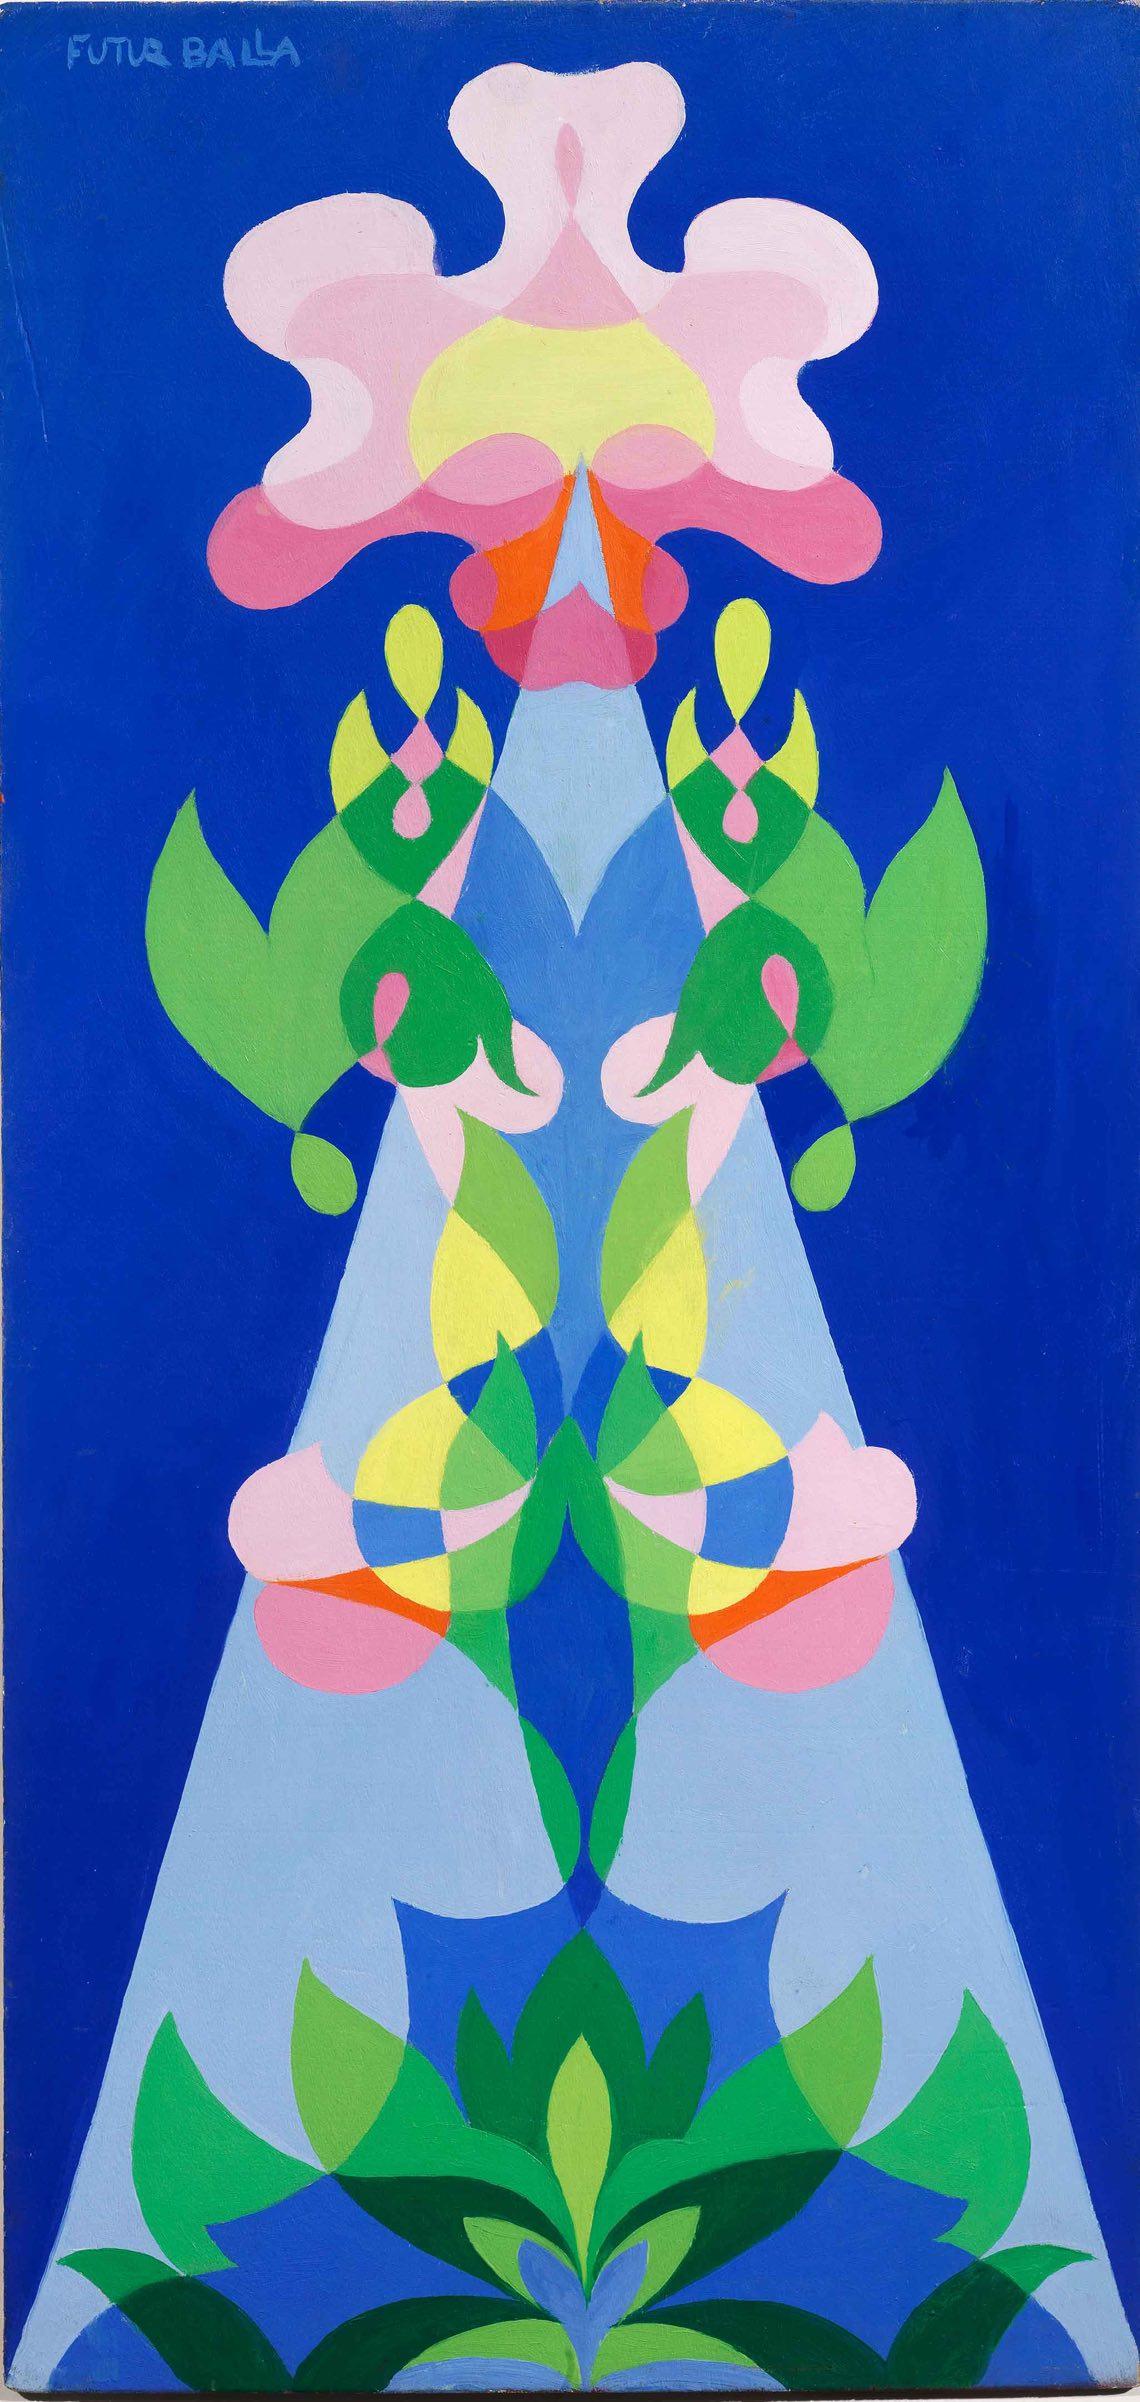 Giacomo-Balla,-Balfiore,-1925,-olio-su-tavola,-cm-66,5x31,5